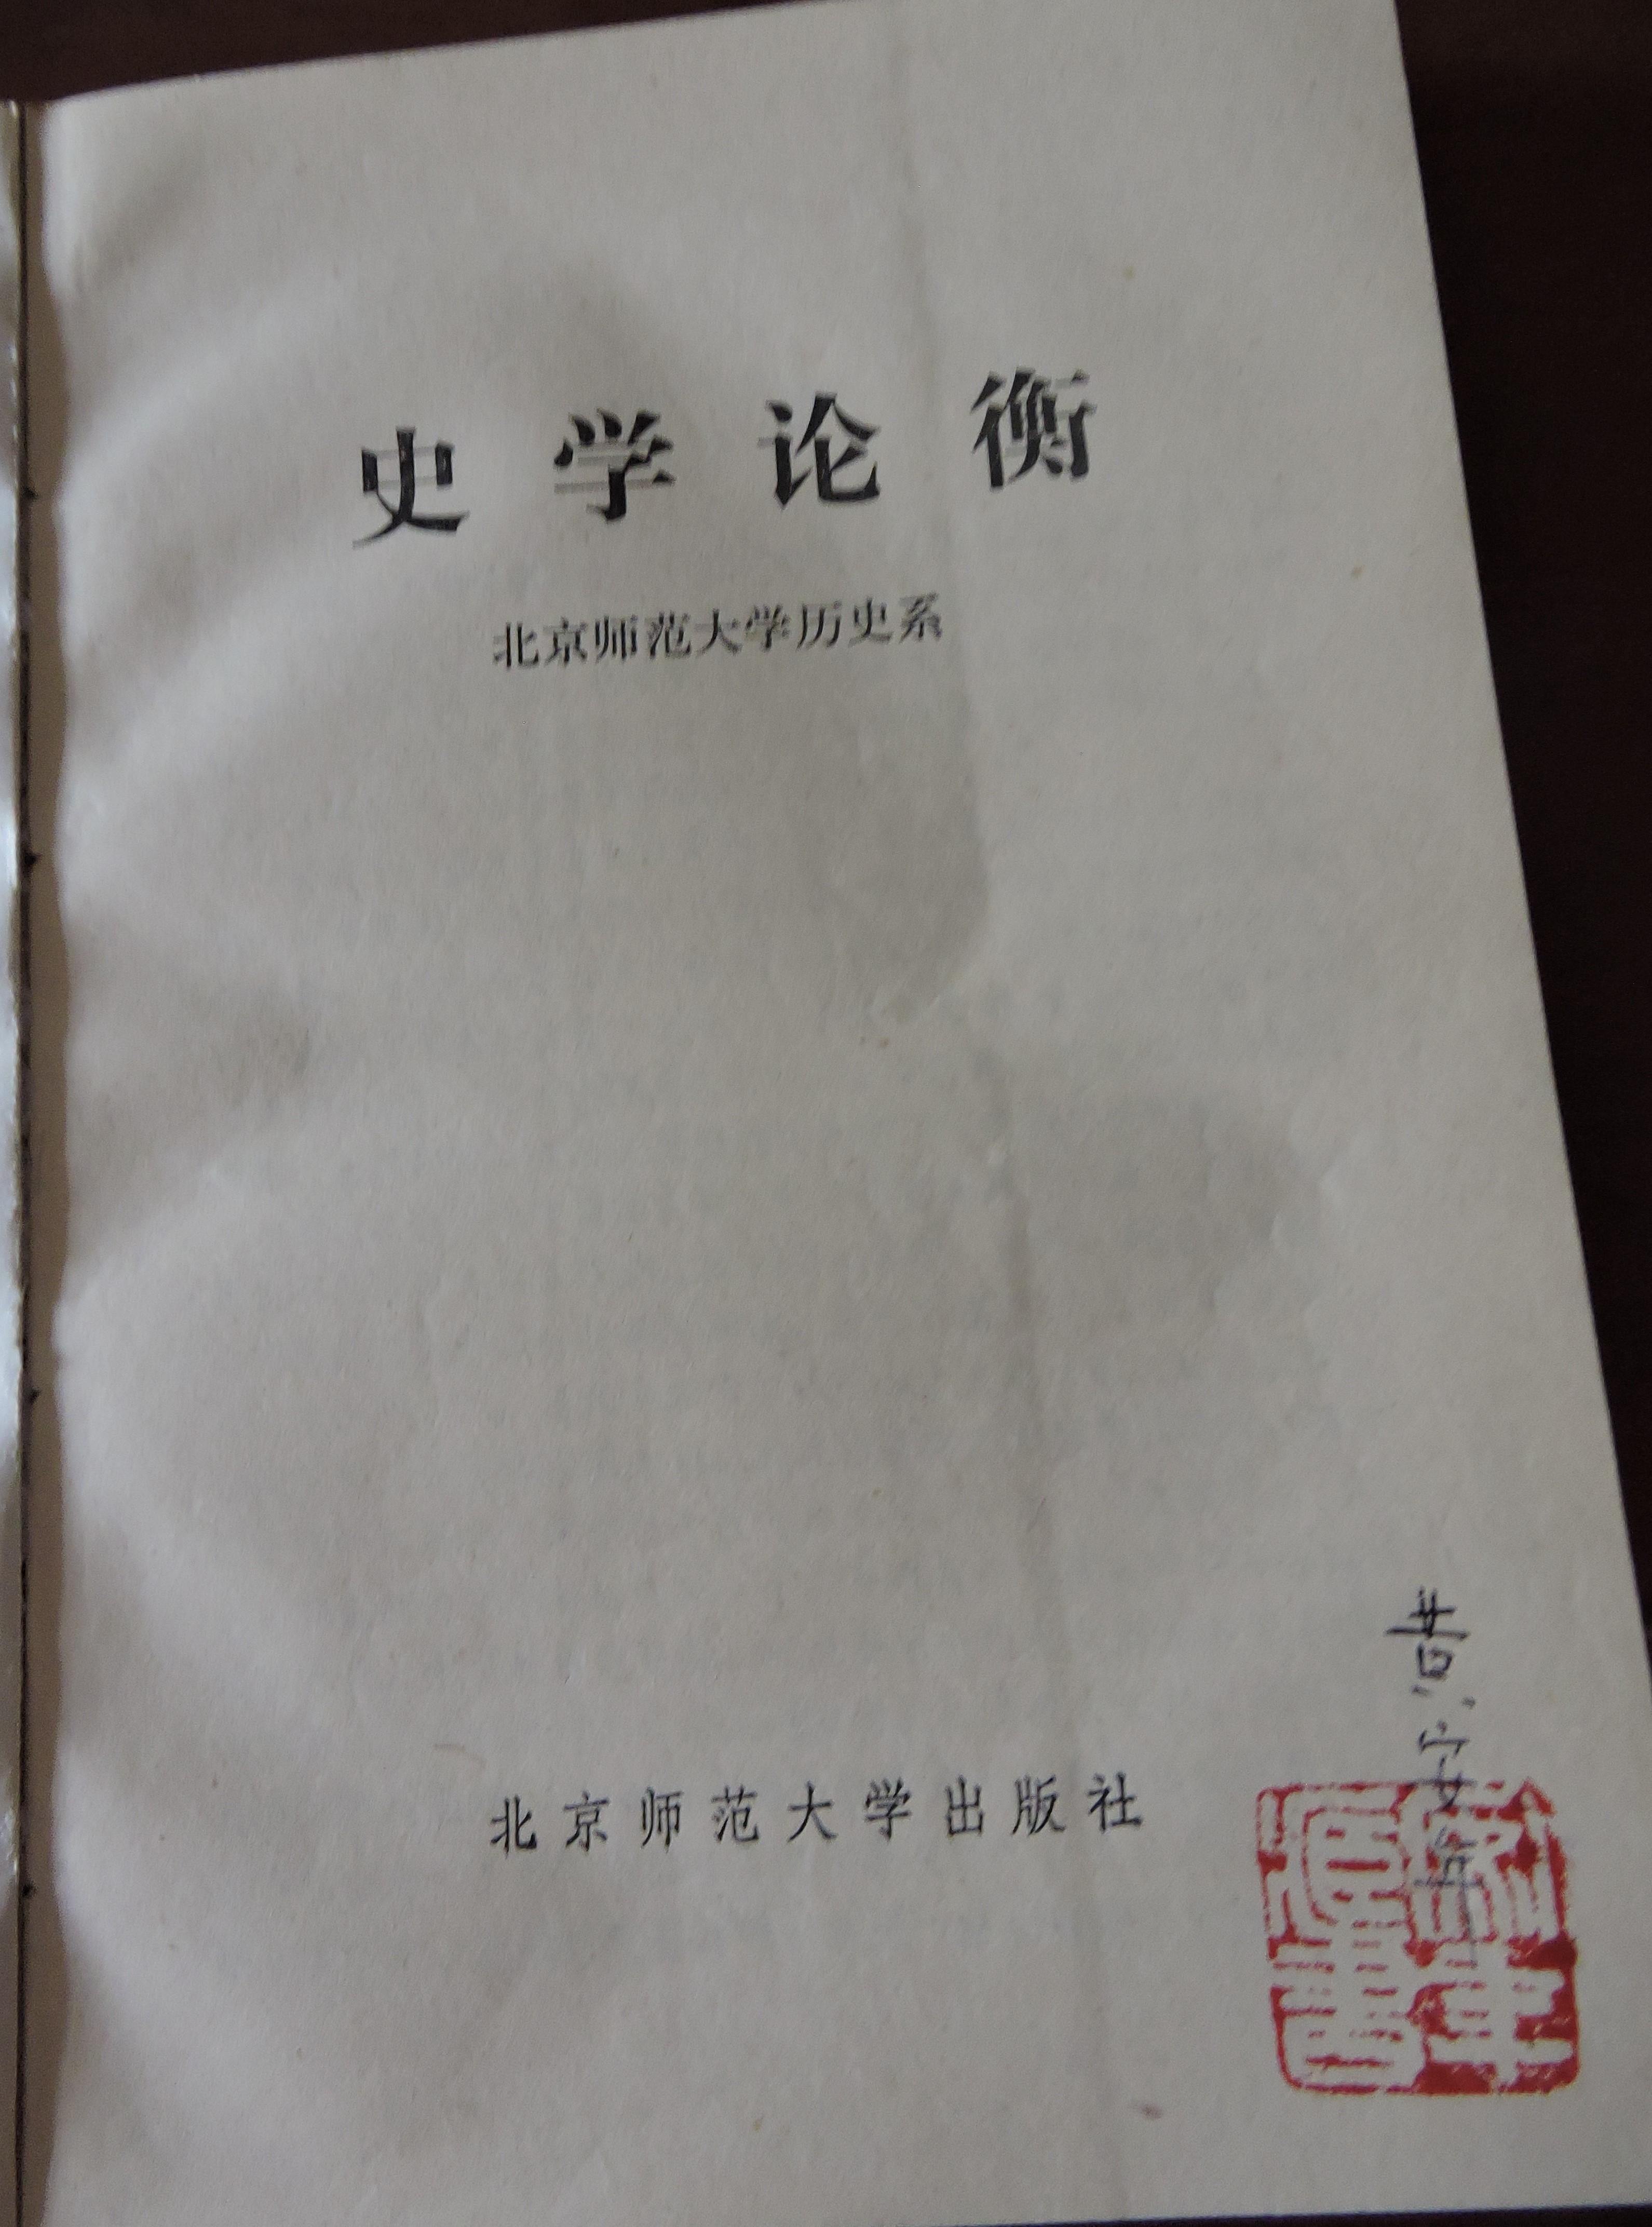 2 DSCN8385.jpg